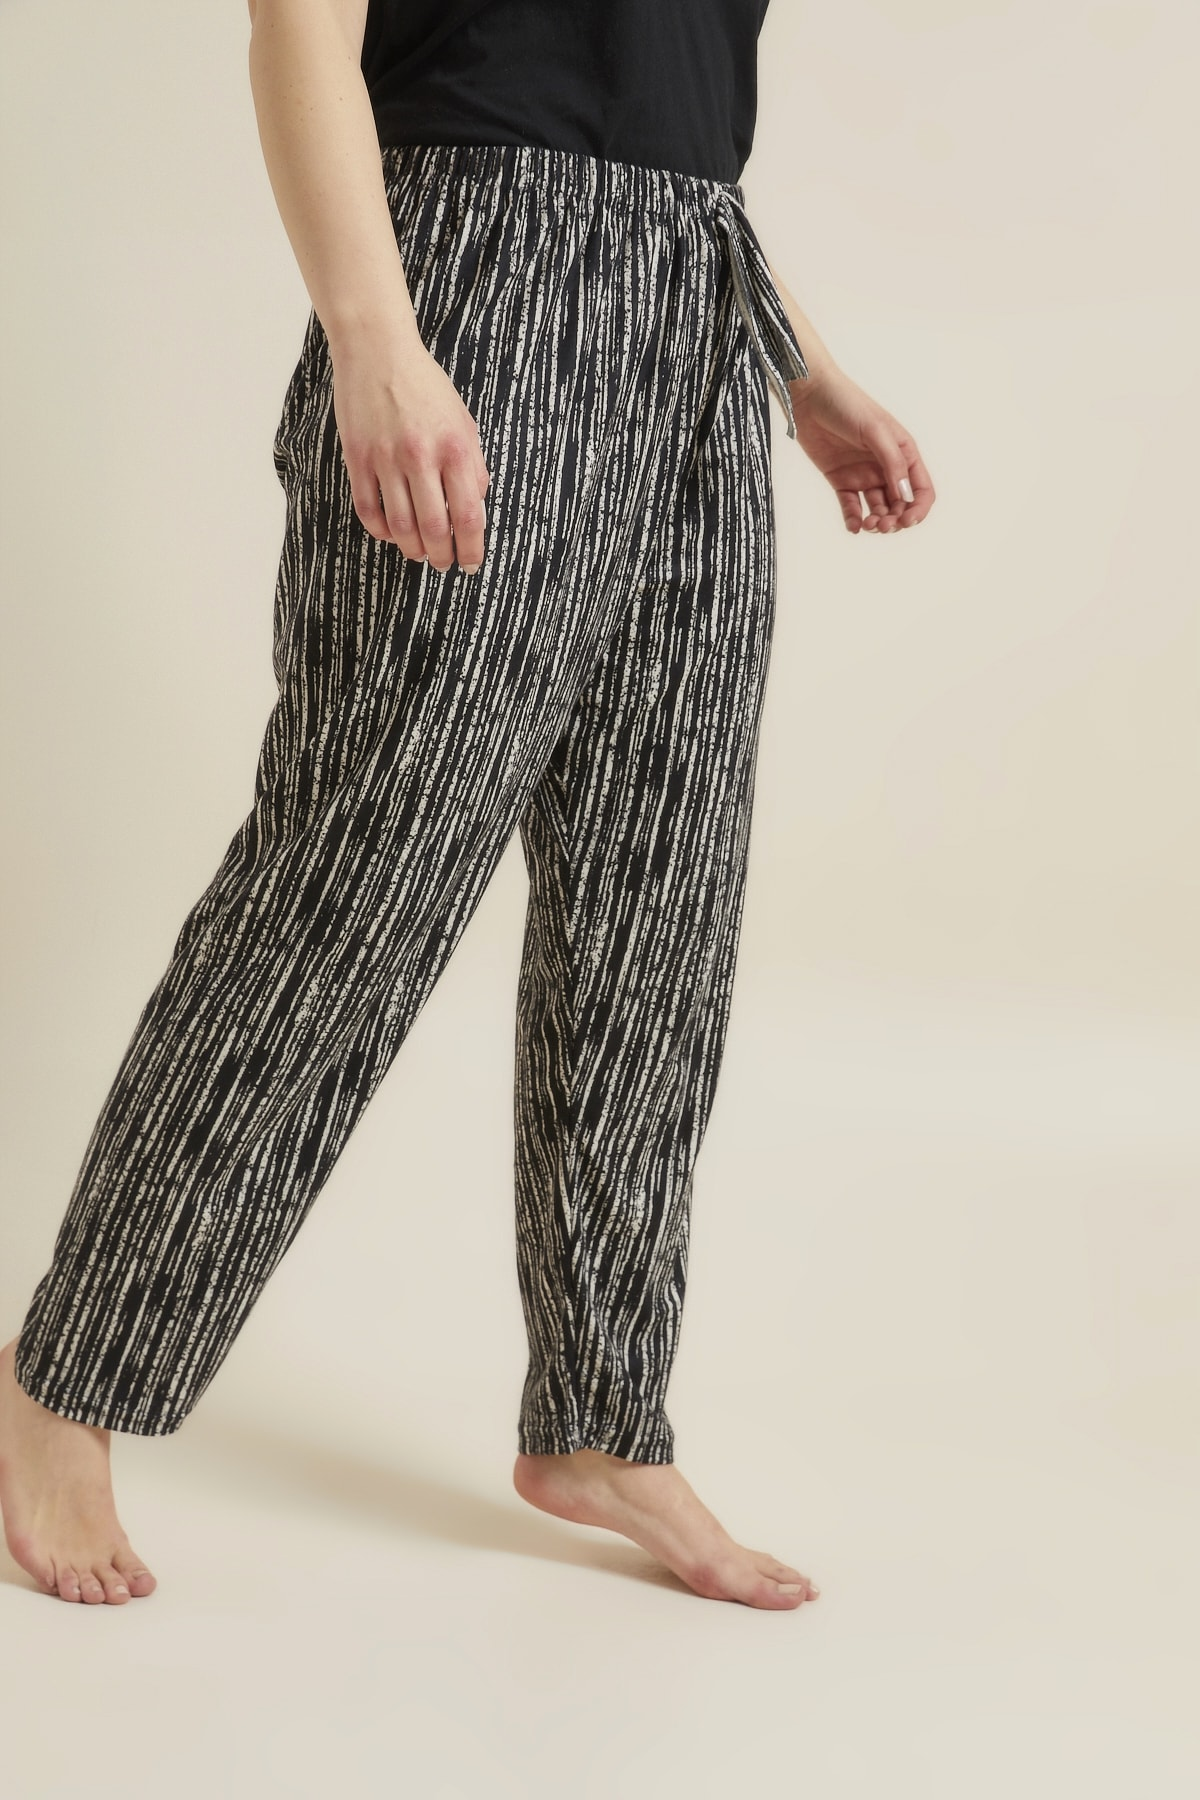 For Big Trend Kadın Siyah Desenli Büyük Beden Pijama Altı 2